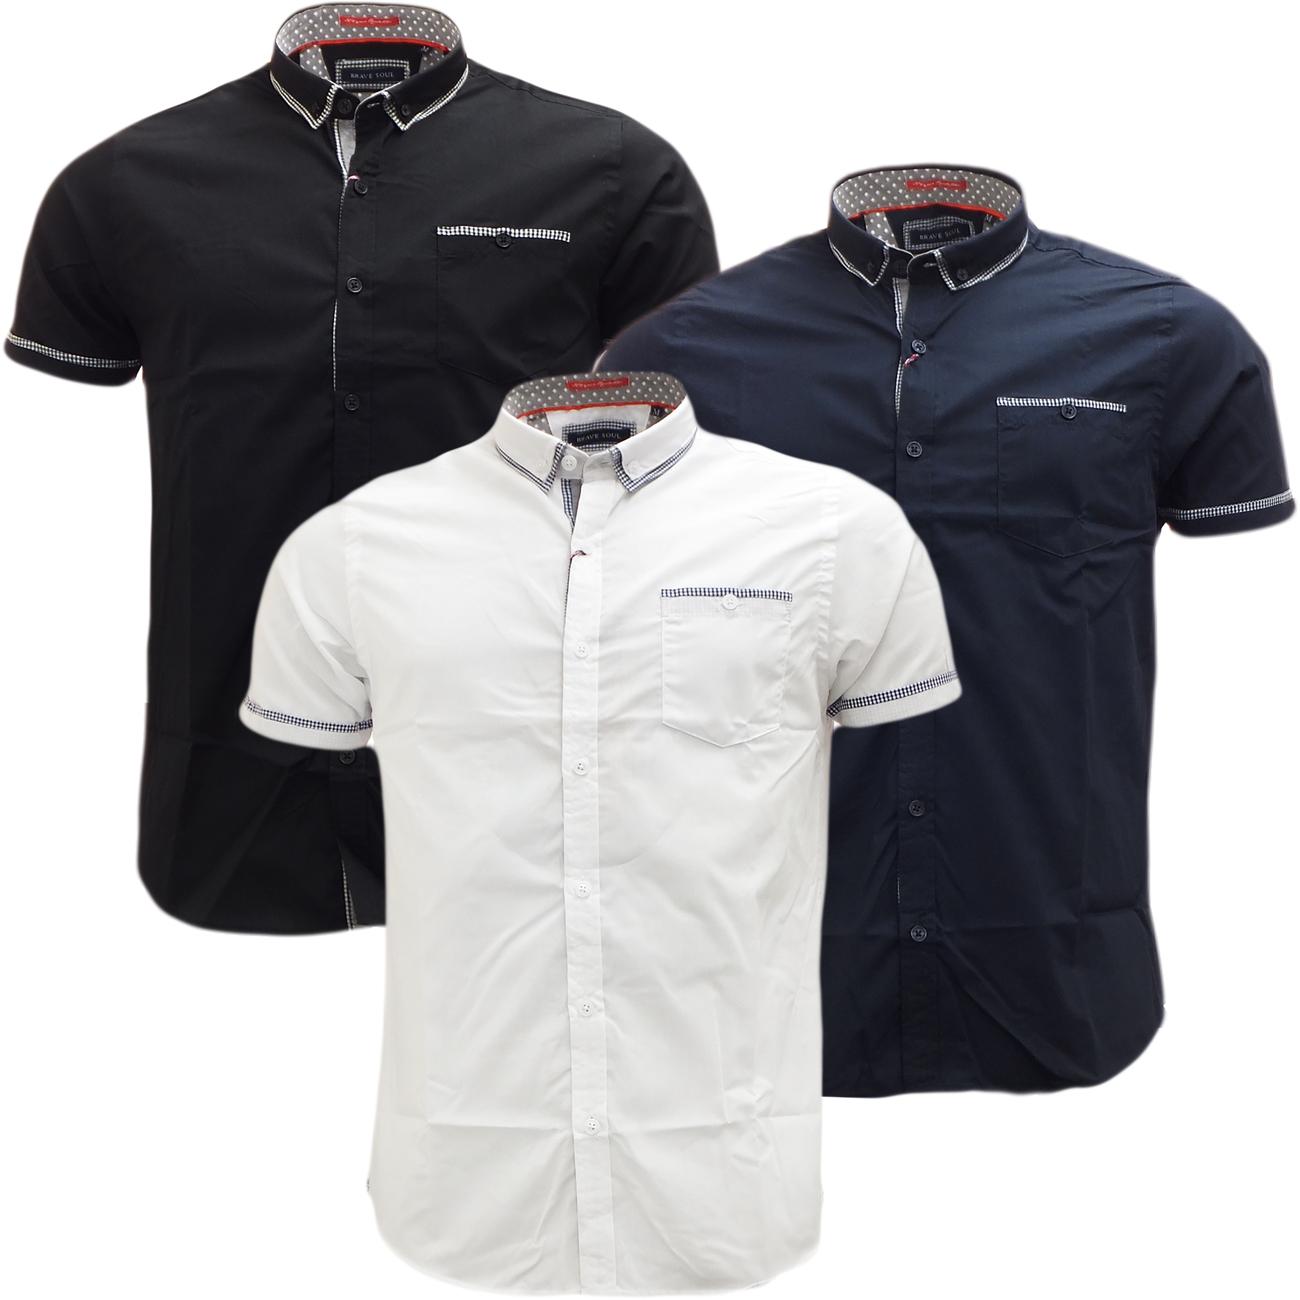 Brave Soul Short Sleeve Shirt Plain Retro Collar Shirts Colvin